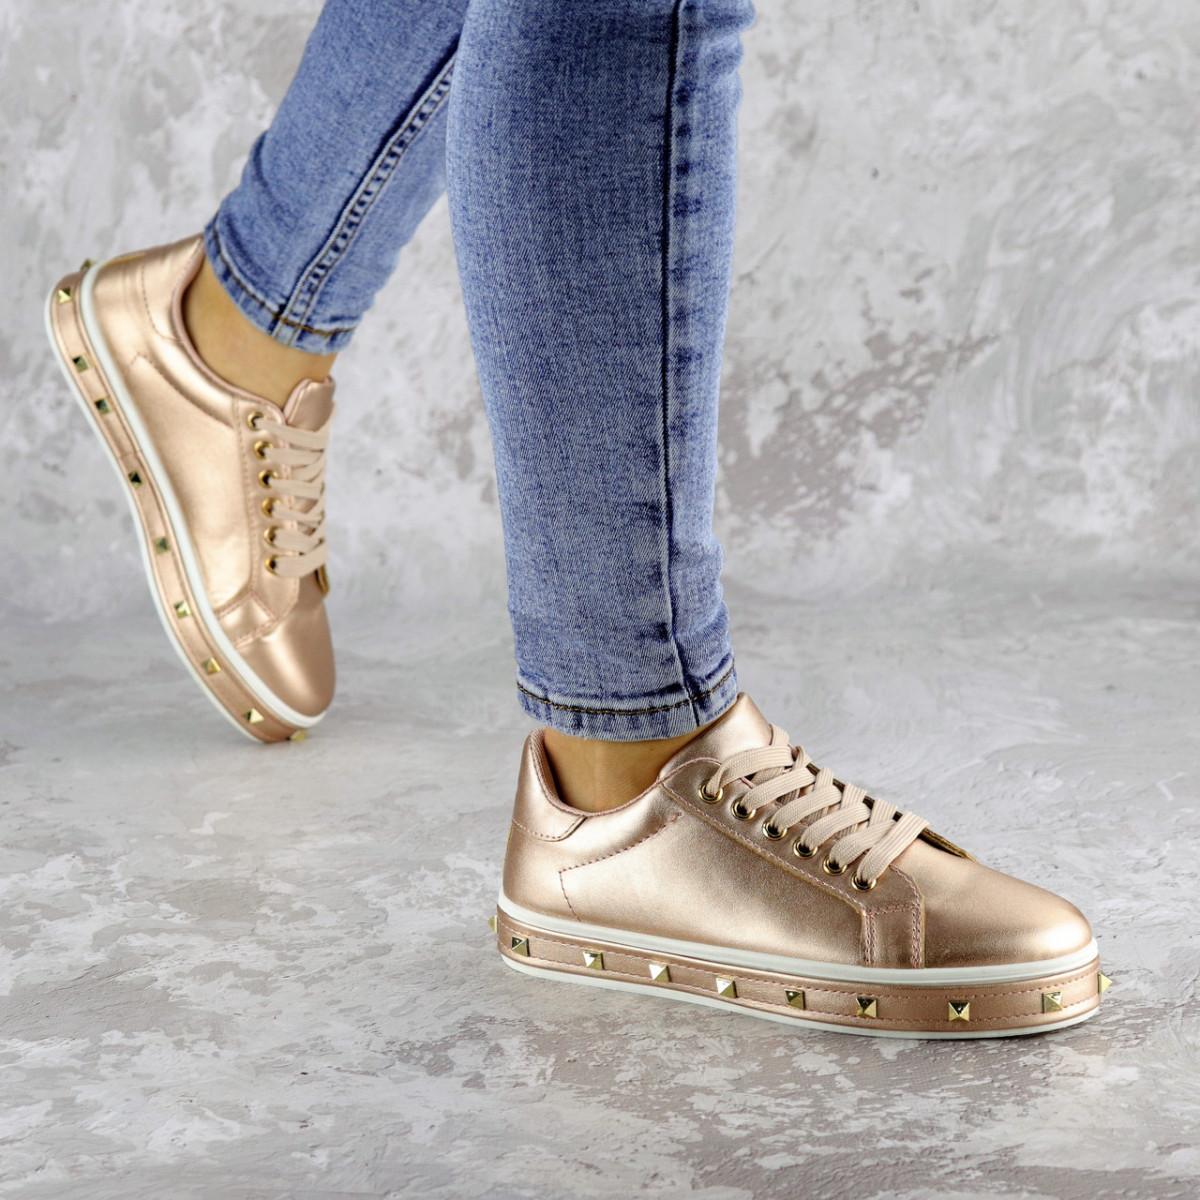 Женские стильные кроссовки Fashion Freddy 1011 36 размер 22 см Золотистый